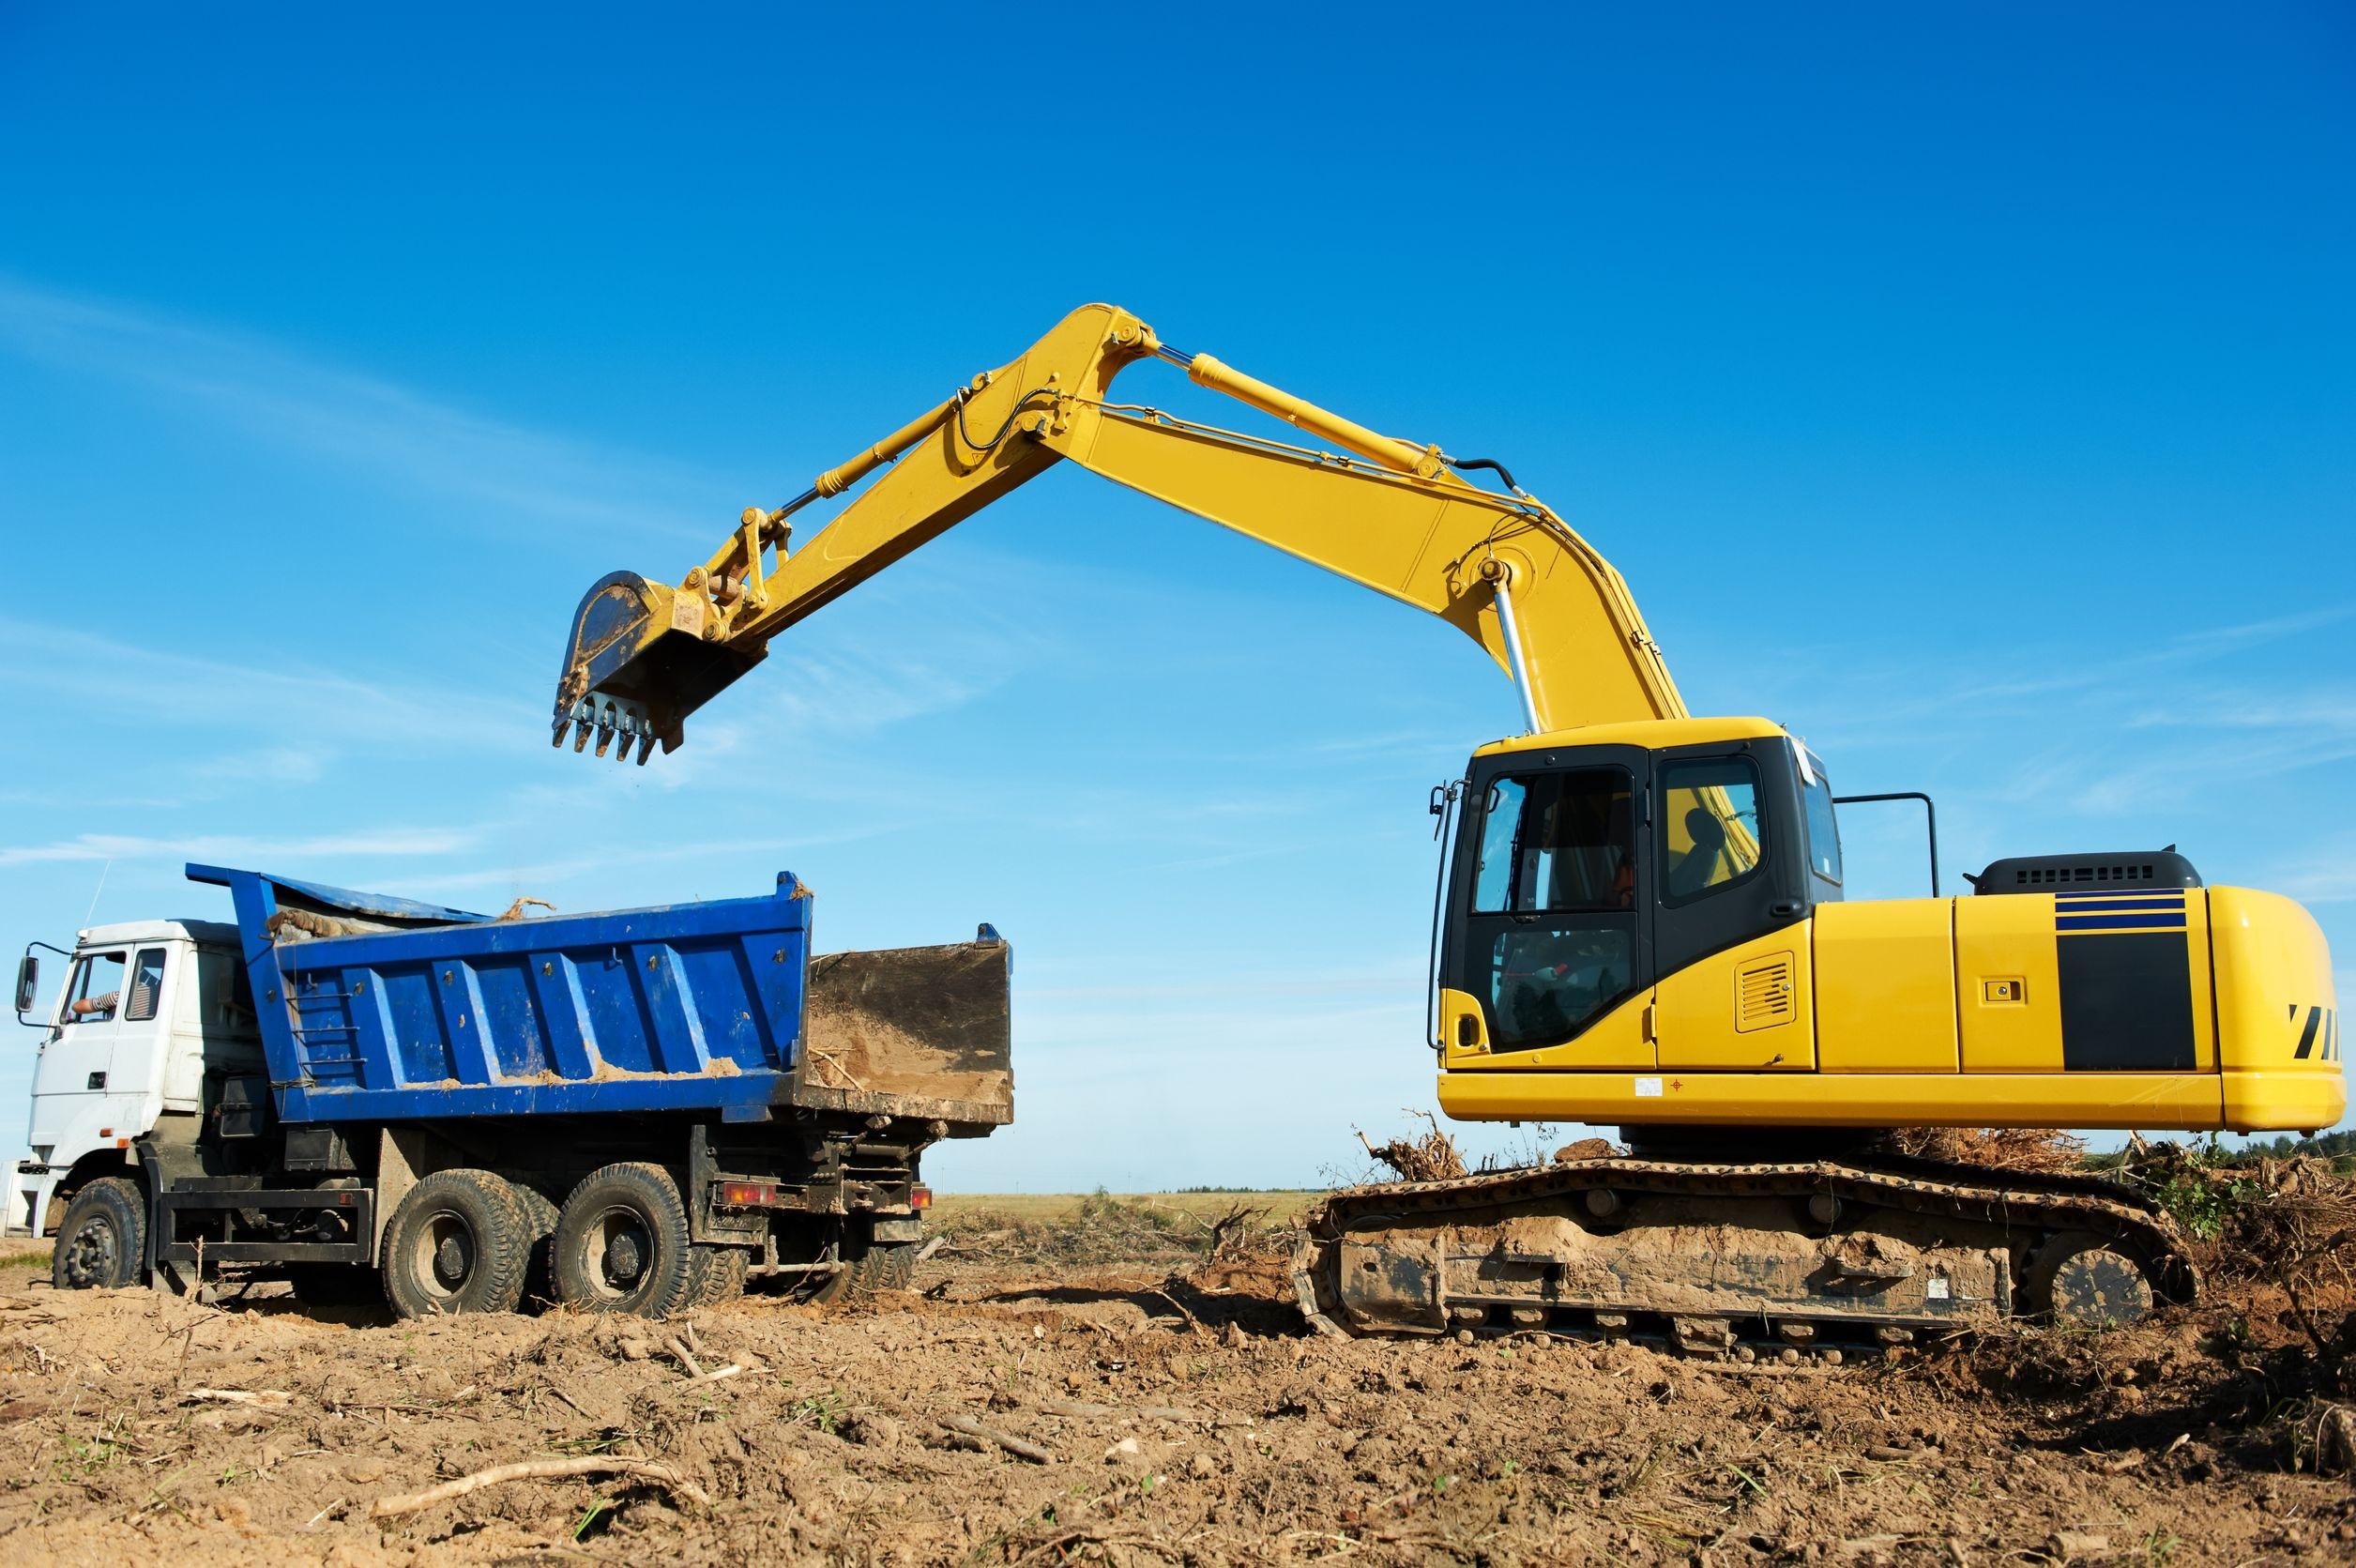 Grazie al satellitare Viasat ritrovati camion ed escavatore rubati